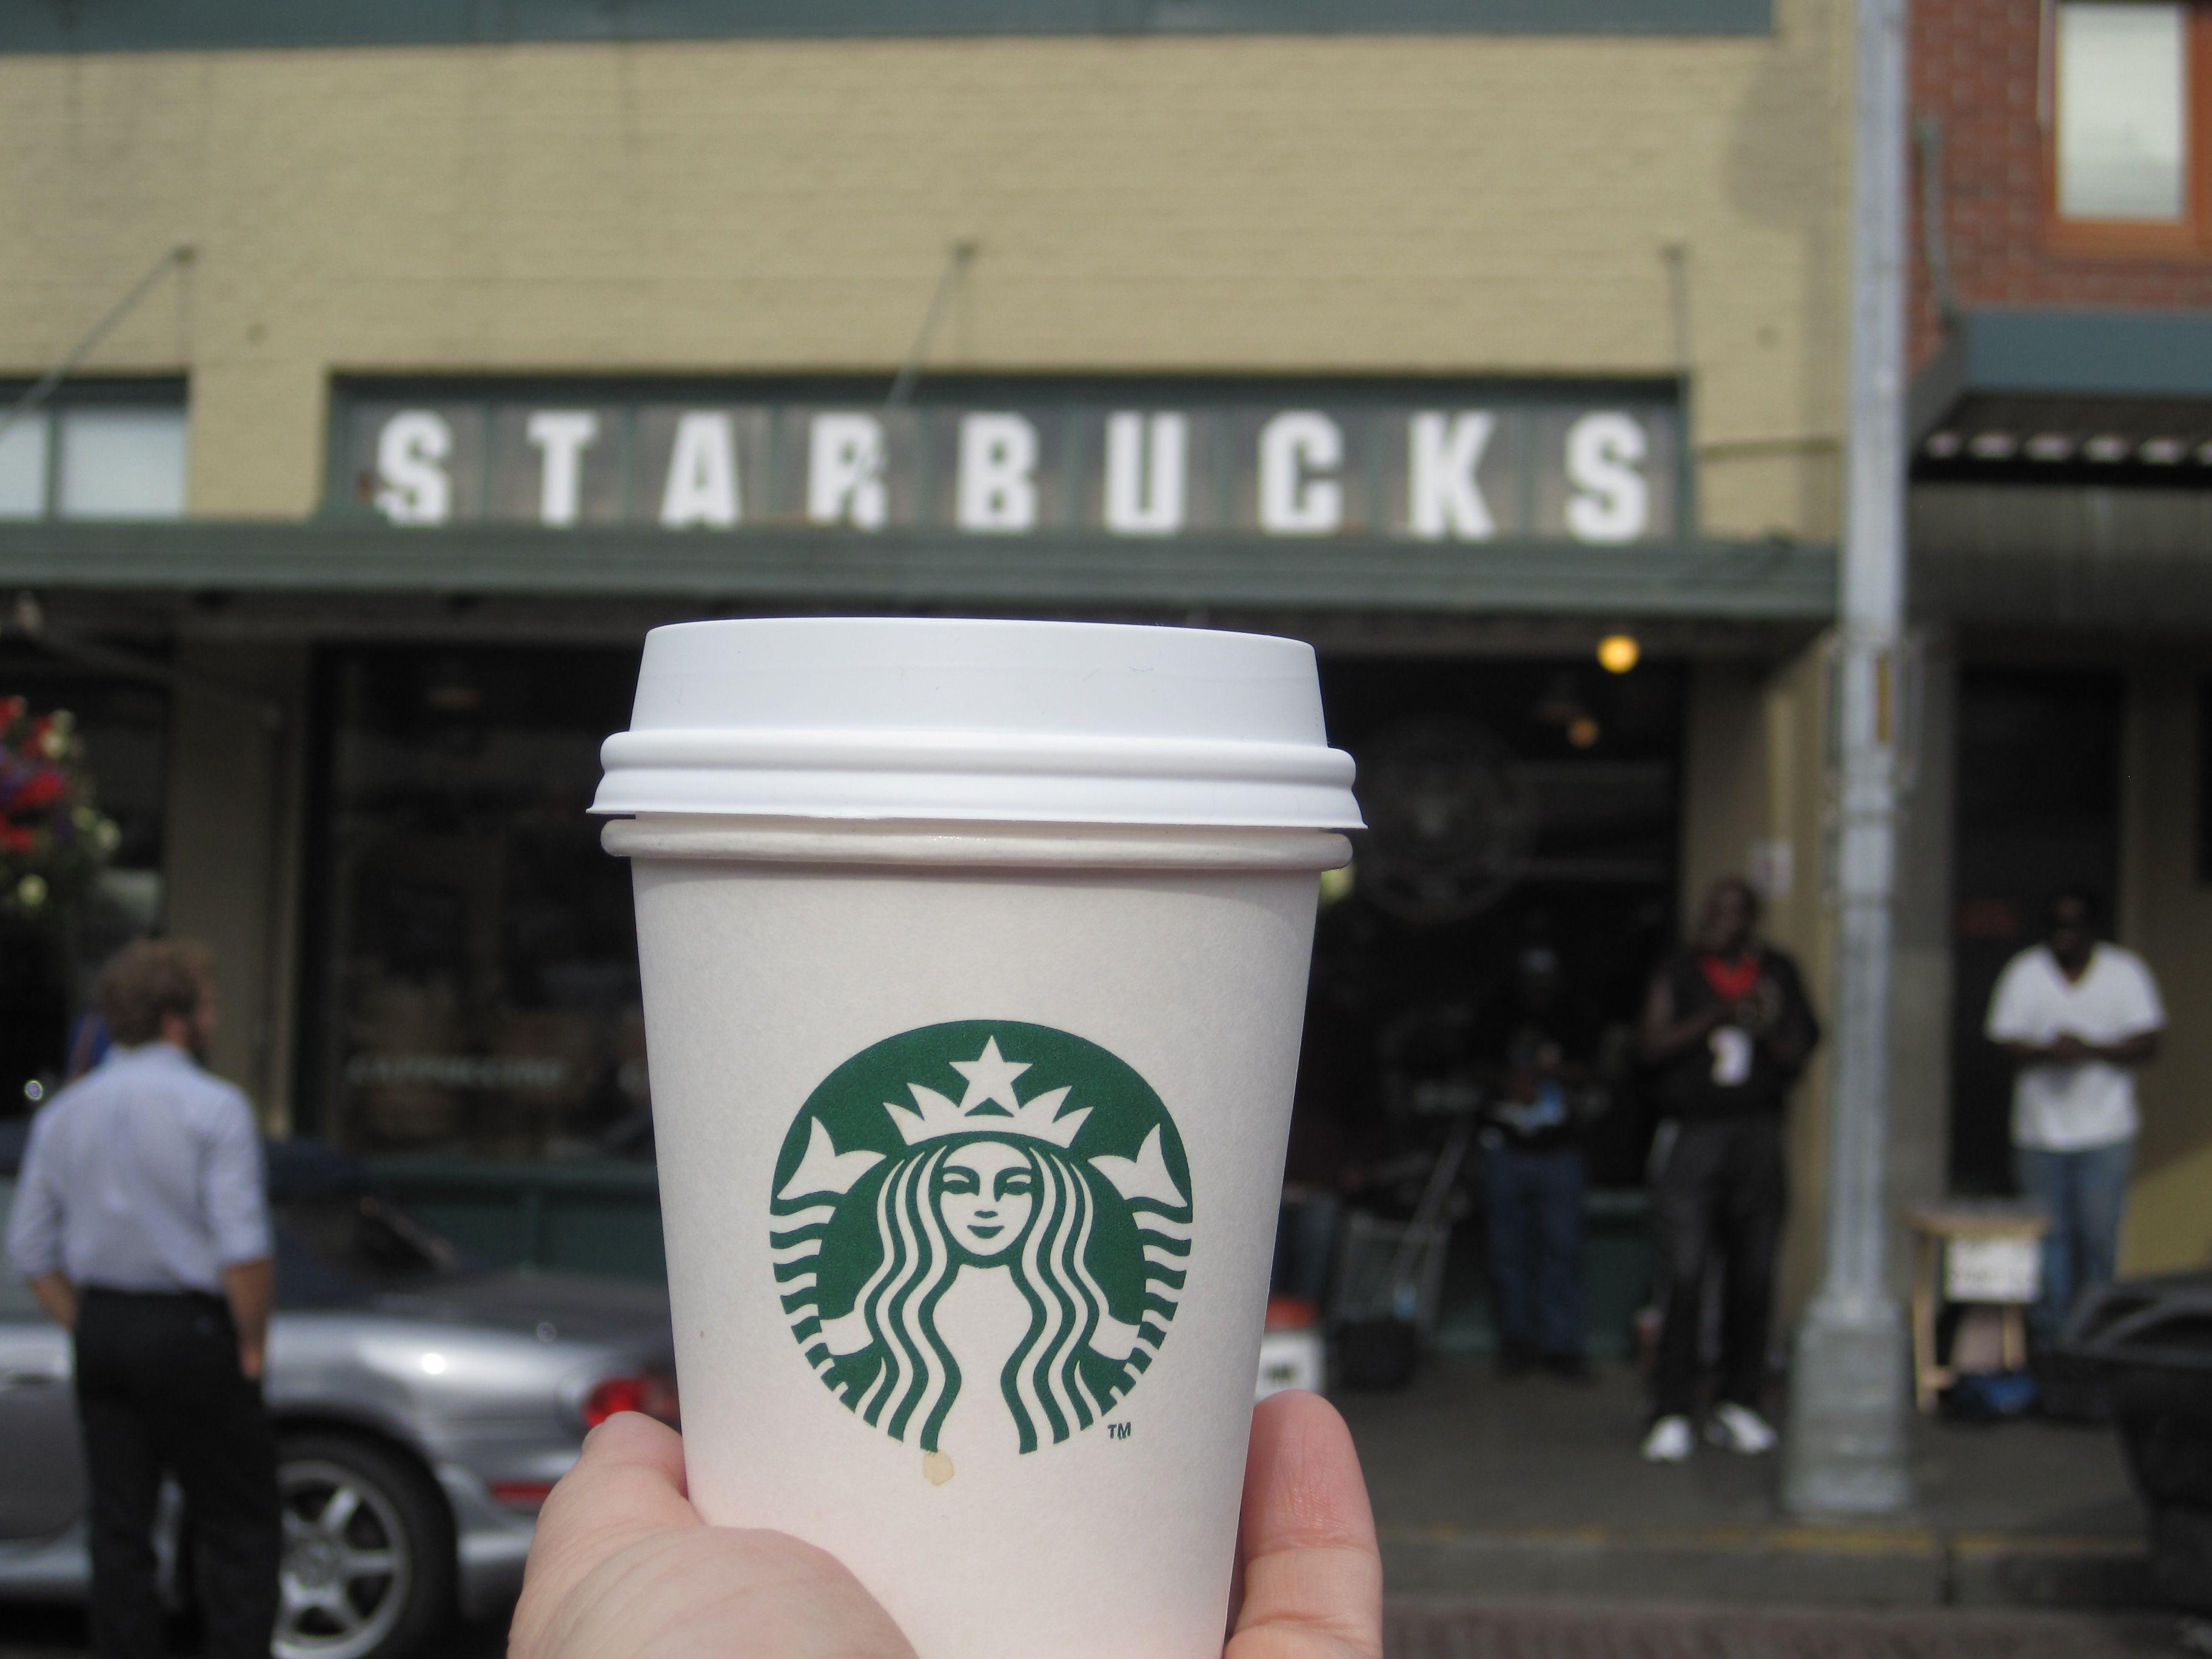 Starbucks coffee, Seattle, WA